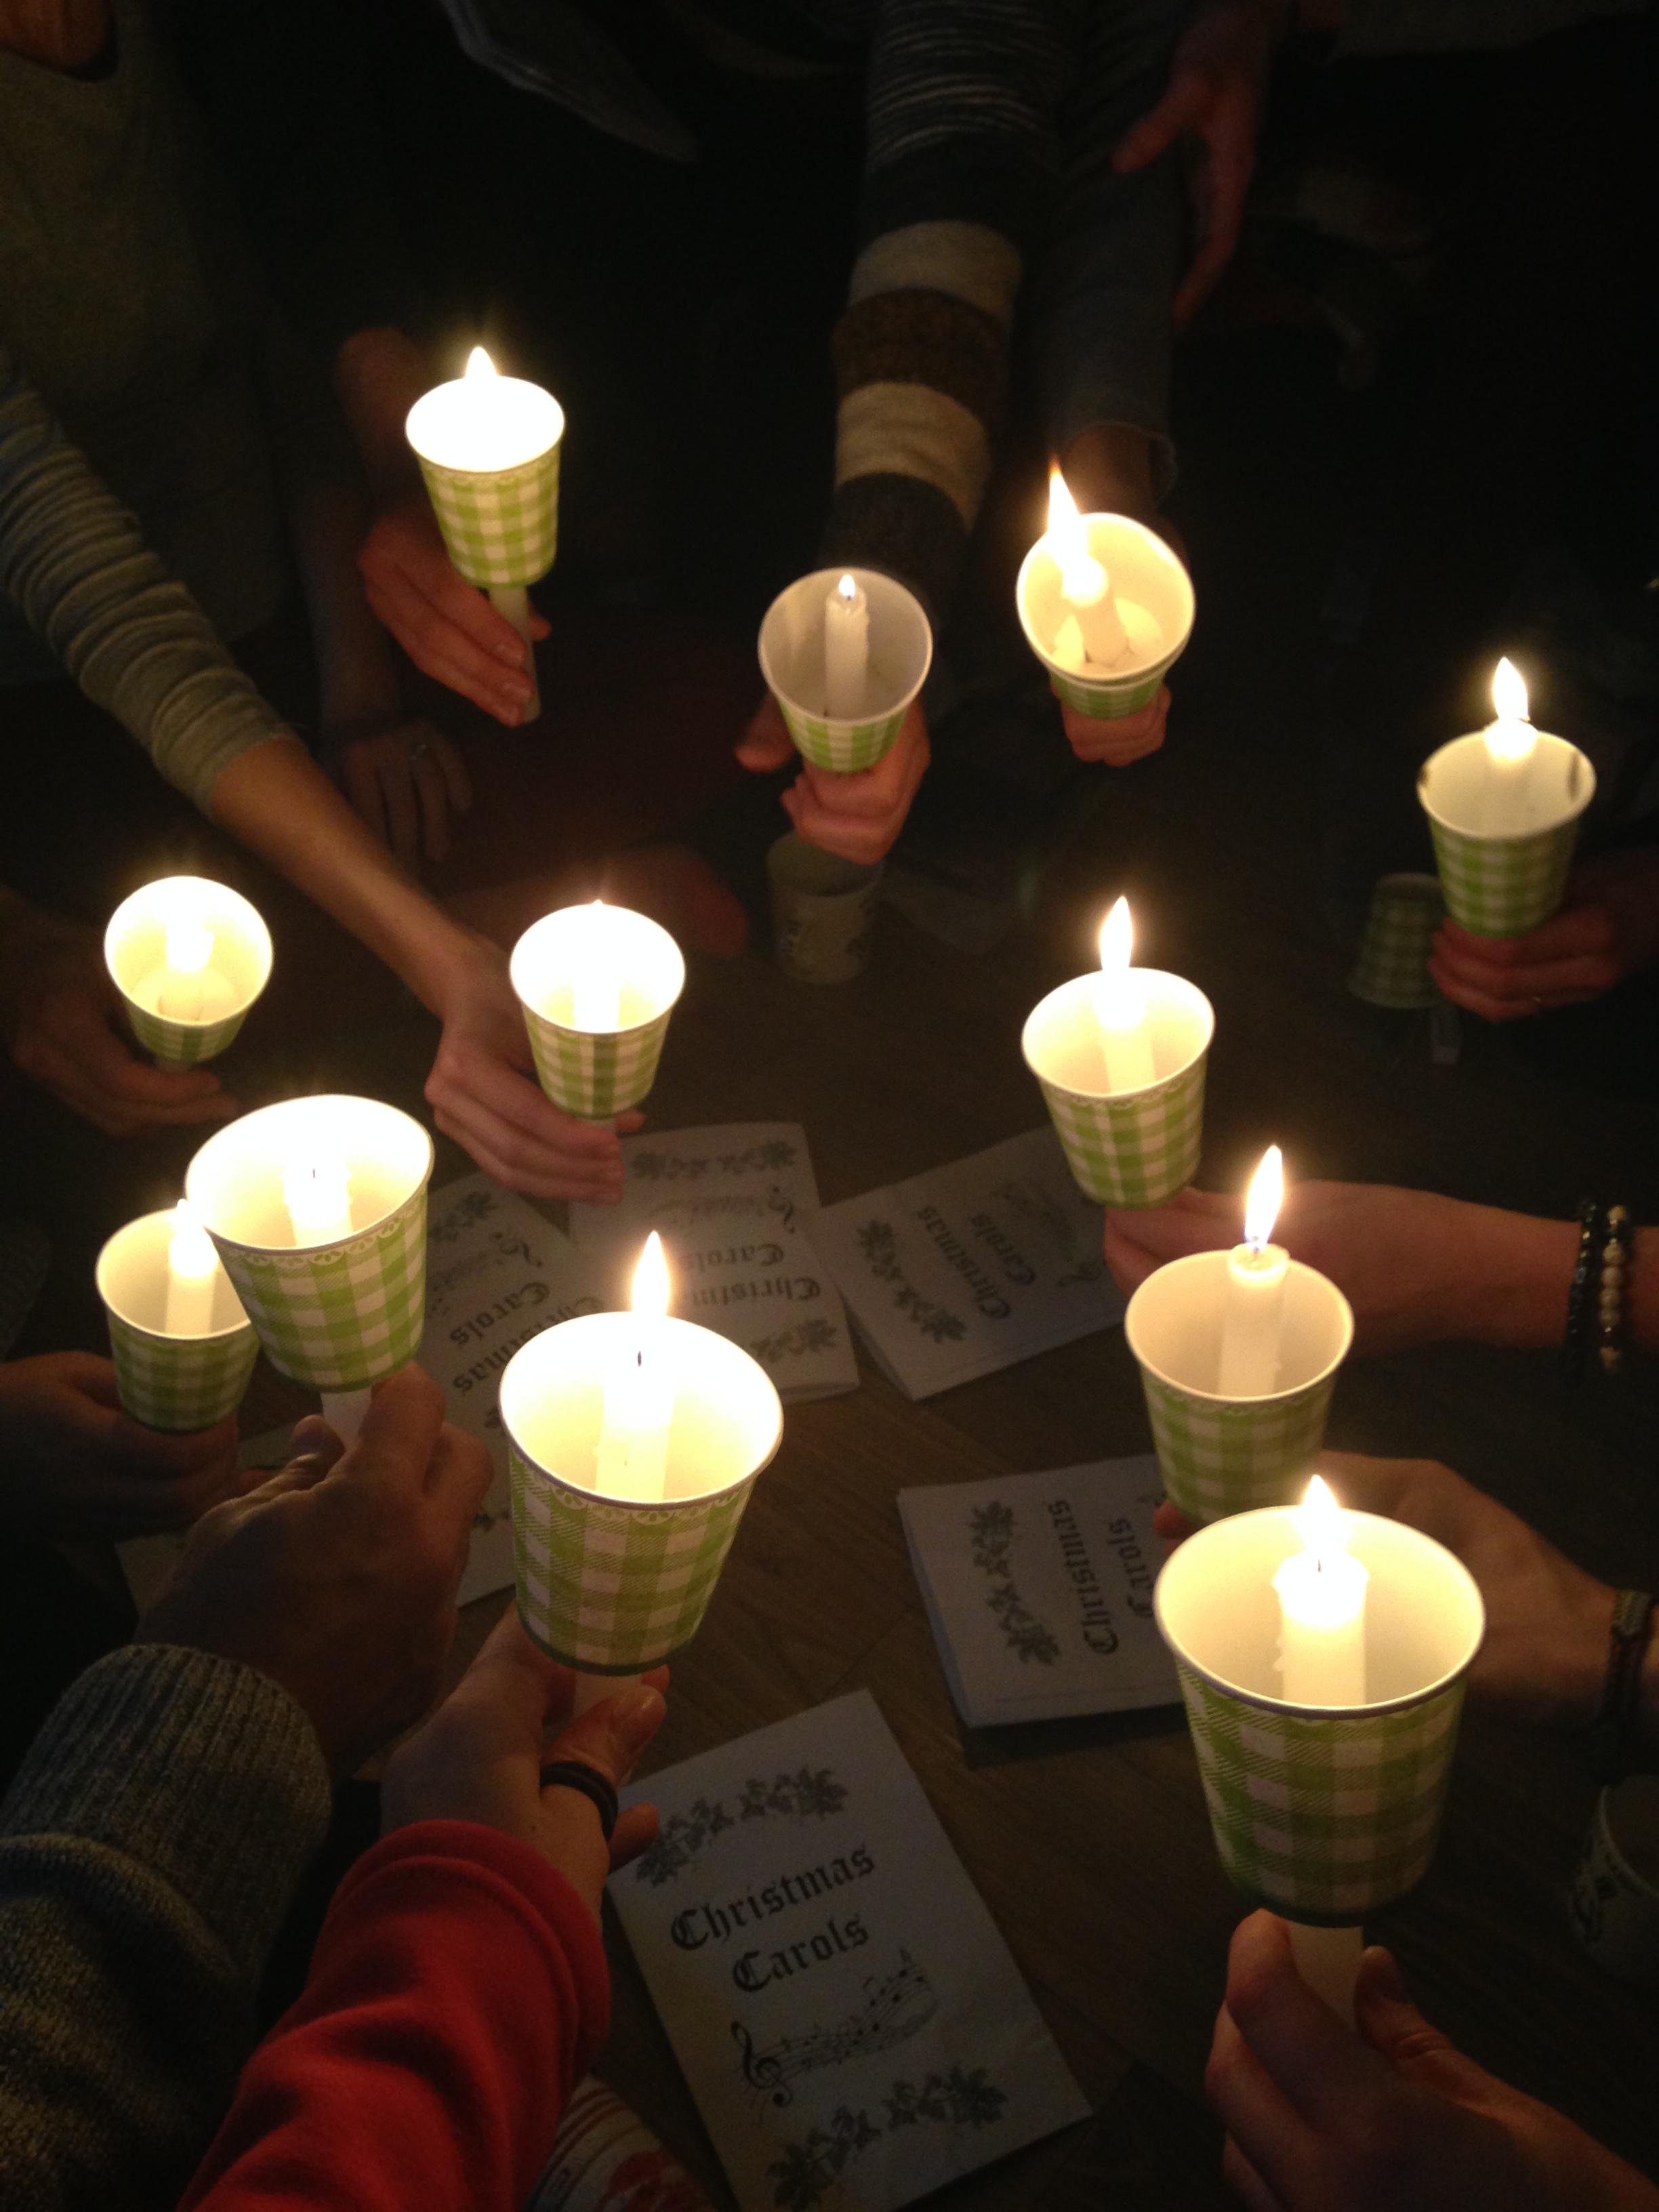 Candlelight singing